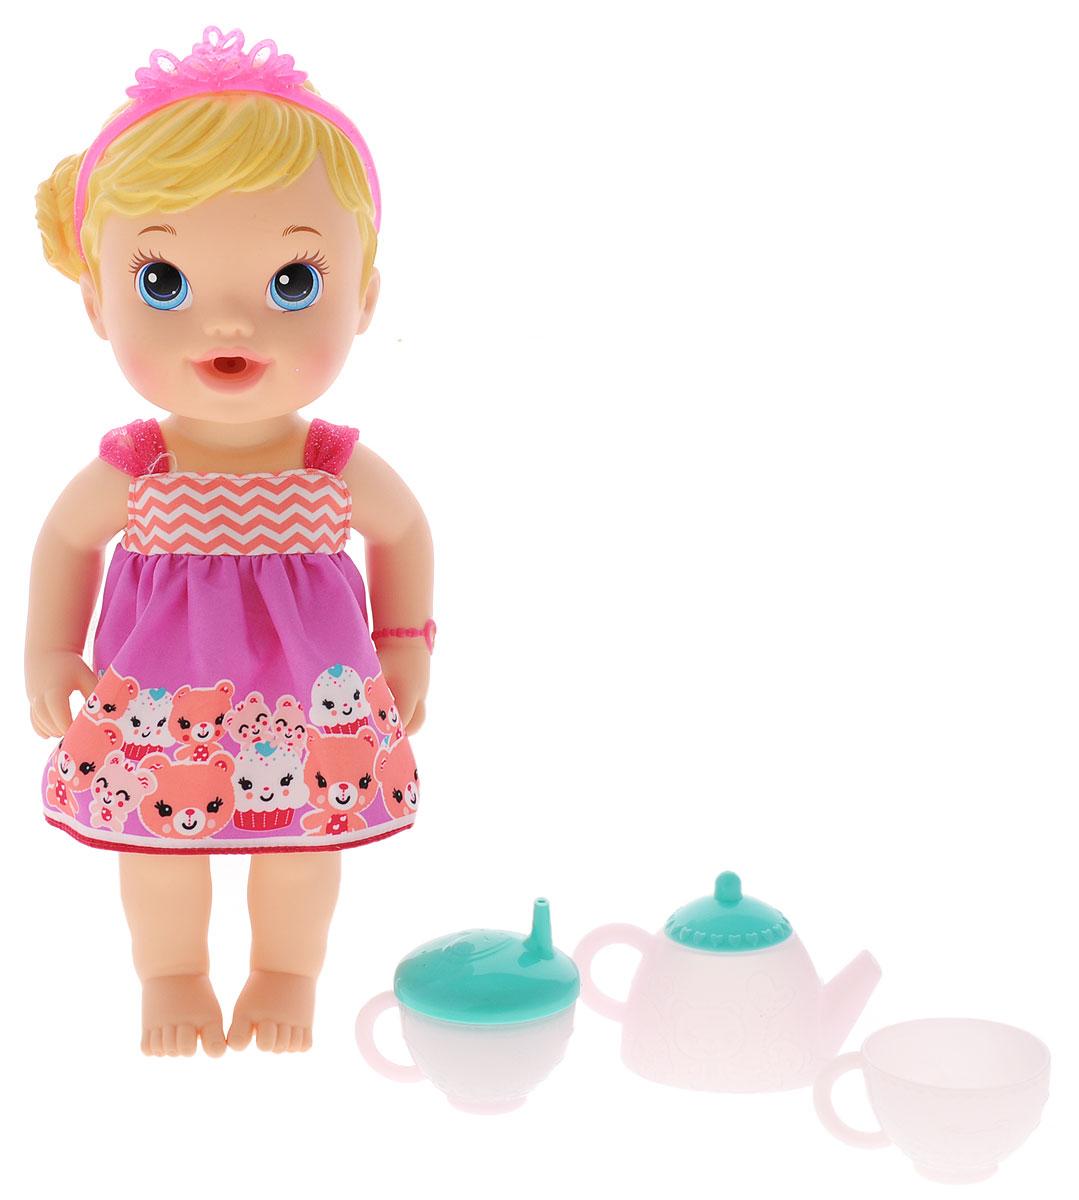 Baby Alive Пупс Гостеприимная малюткаA9288Пупс Baby Alive Гостеприимная малютка станет отличным подарком для каждой маленькой девочки. Все элементы набора выполнены из безопасного материала. Кукла выглядит как настоящий ребенок. Малышка одета в легкое платьице, а голову украшает розовая тиара. В набор входят чайник, чашечка, поильник и подгузник. Кукла умеет пить, но не забудьте поменять ей подгузник. Малютку можно поить из поильника или из чашечки. Игра с куклой разовьет в вашей малышке чувство ответственности и заботы. Порадуйте свою принцессу таким великолепным подарком!